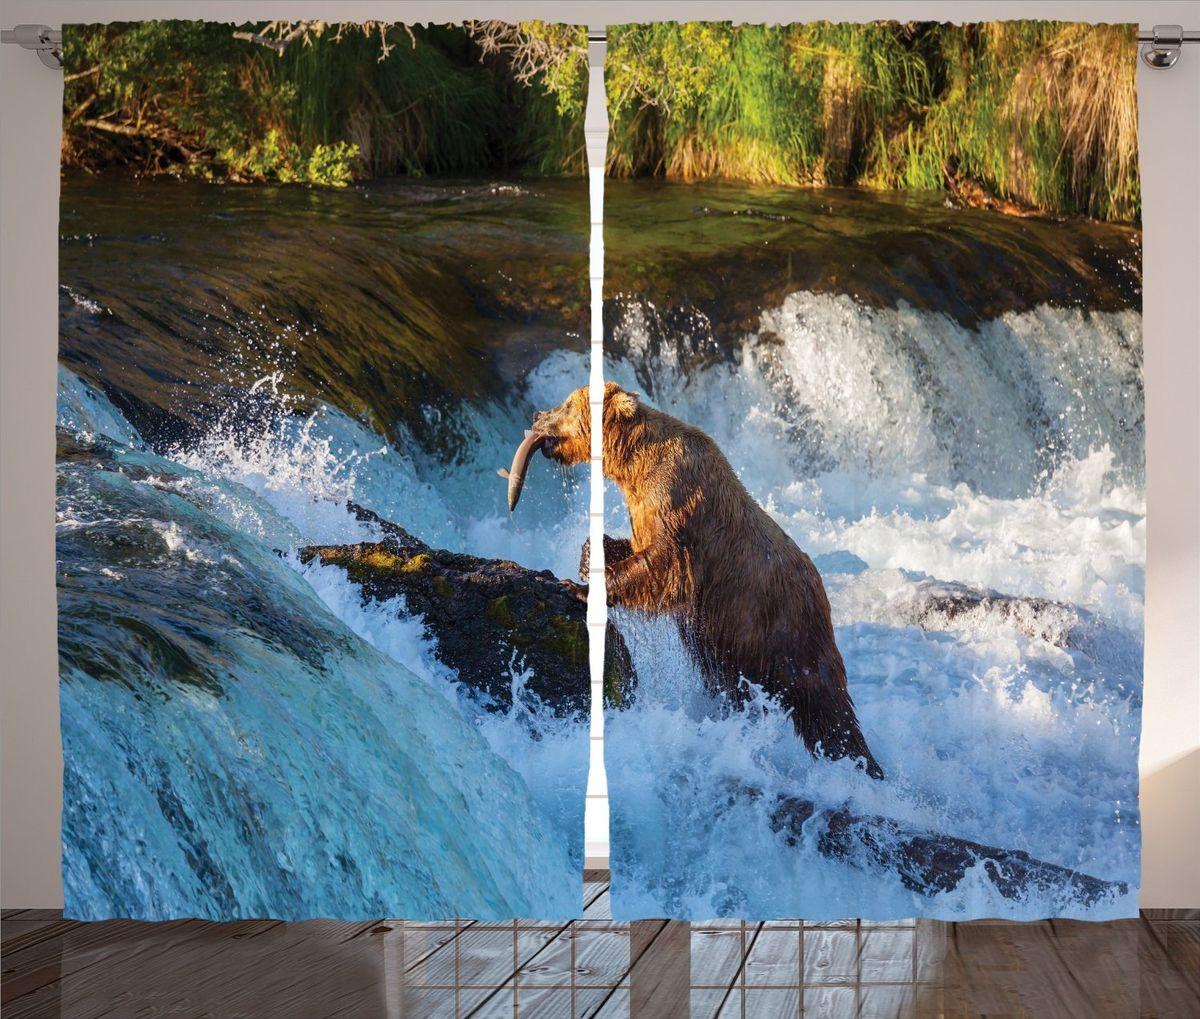 Комплект фотоштор Magic Lady Медведь-рыболов, на ленте, высота 265 смшсг_13899Фотошторы Magic Lady Медведь-рыболов, изготовленные из высококачественного сатена (полиэстер 100%), отлично дополнят любой интерьер. При изготовлении используются специальные гипоаллергенные чернила для прямой печати по ткани, безопасные для человека и животных. Крепление на карниз при помощи шторной ленты на крючки. В комплекте 2 шторы, 50 крючков. Ширина одного полотна: 145 см. Высота штор: 265 см. Изображение на мониторе может немного отличаться от реального.